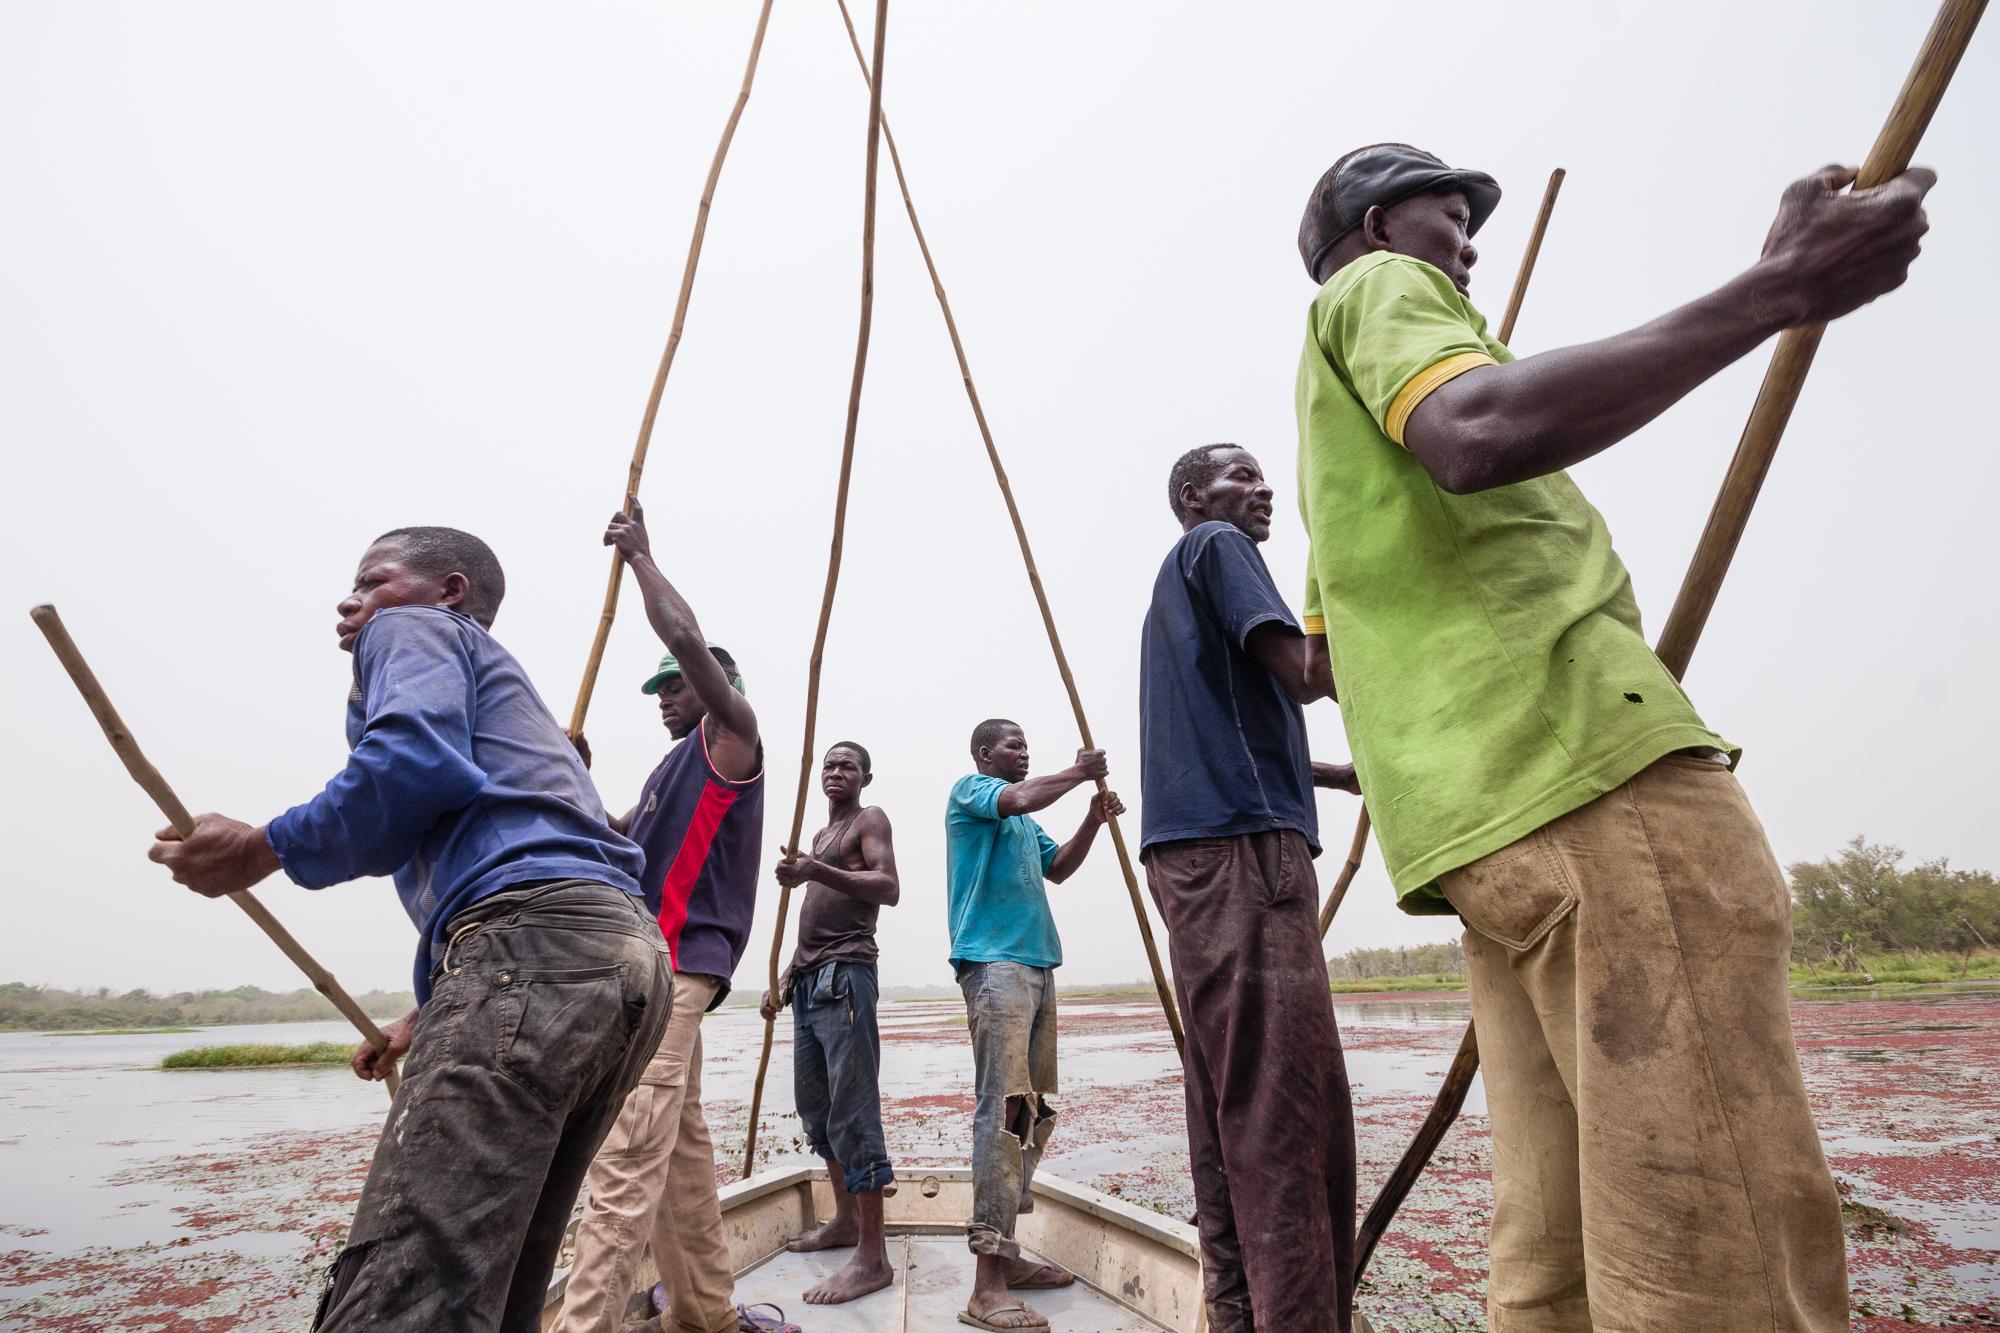 Bateliers poussant la pirogue de leurs longues perches, mare de Bala, Burkina Faso